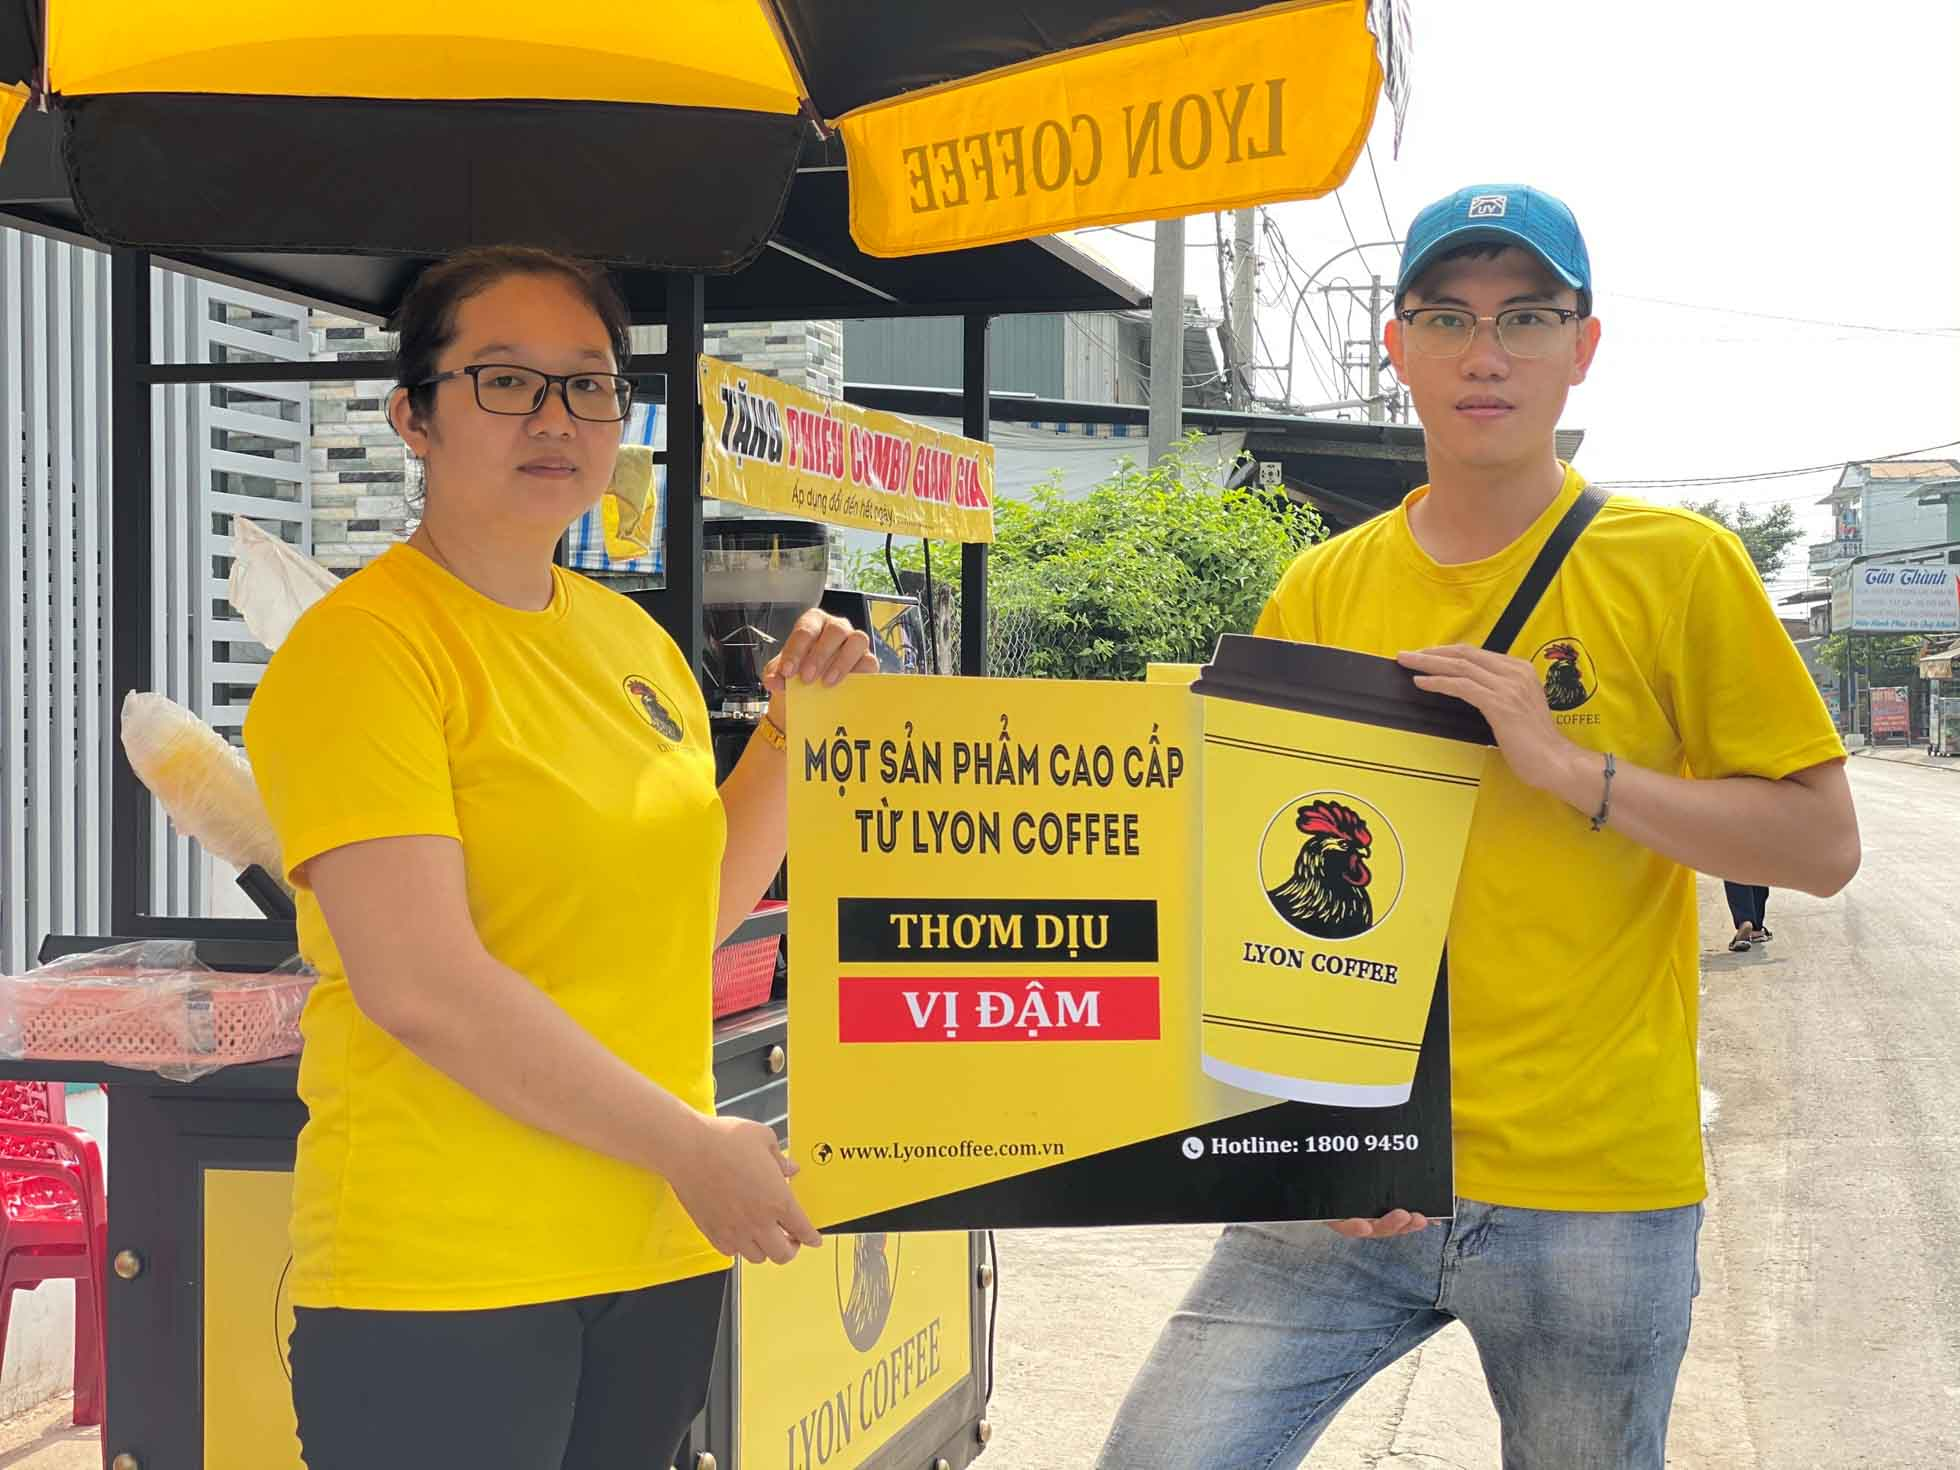 Thừa hưởng cách vận hành kinh doanh từ Lyon Coffee khi kinh doanh nhượng quyền thuê xe cafe pha máy mang đi